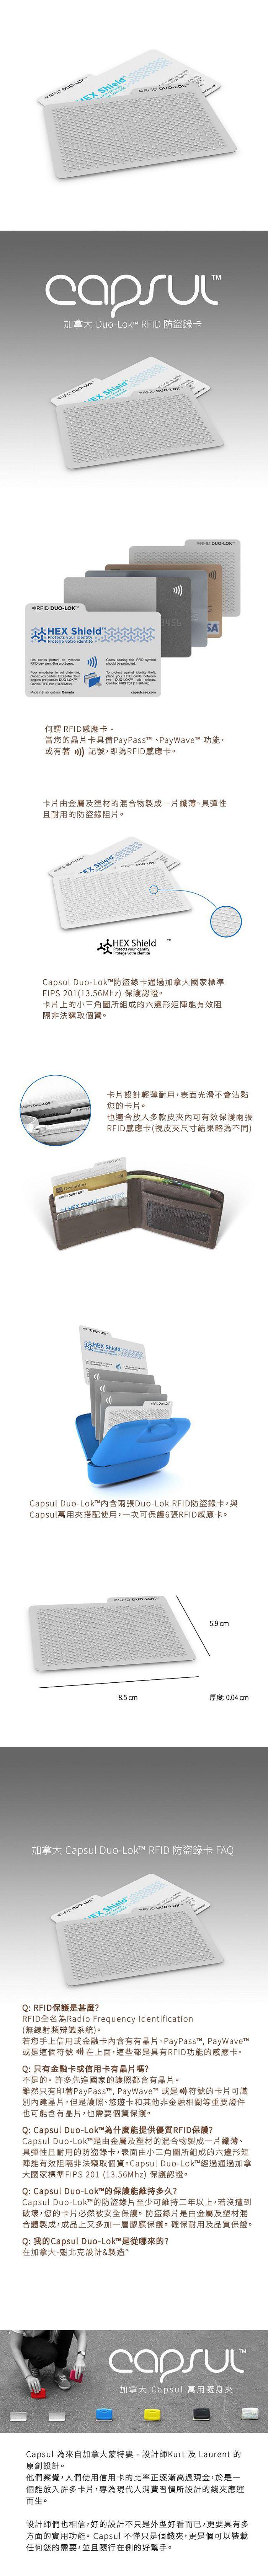 (複製)加拿大 Capsul + Duo-Lok RFID| 防盜錄卡(2張) - 黃